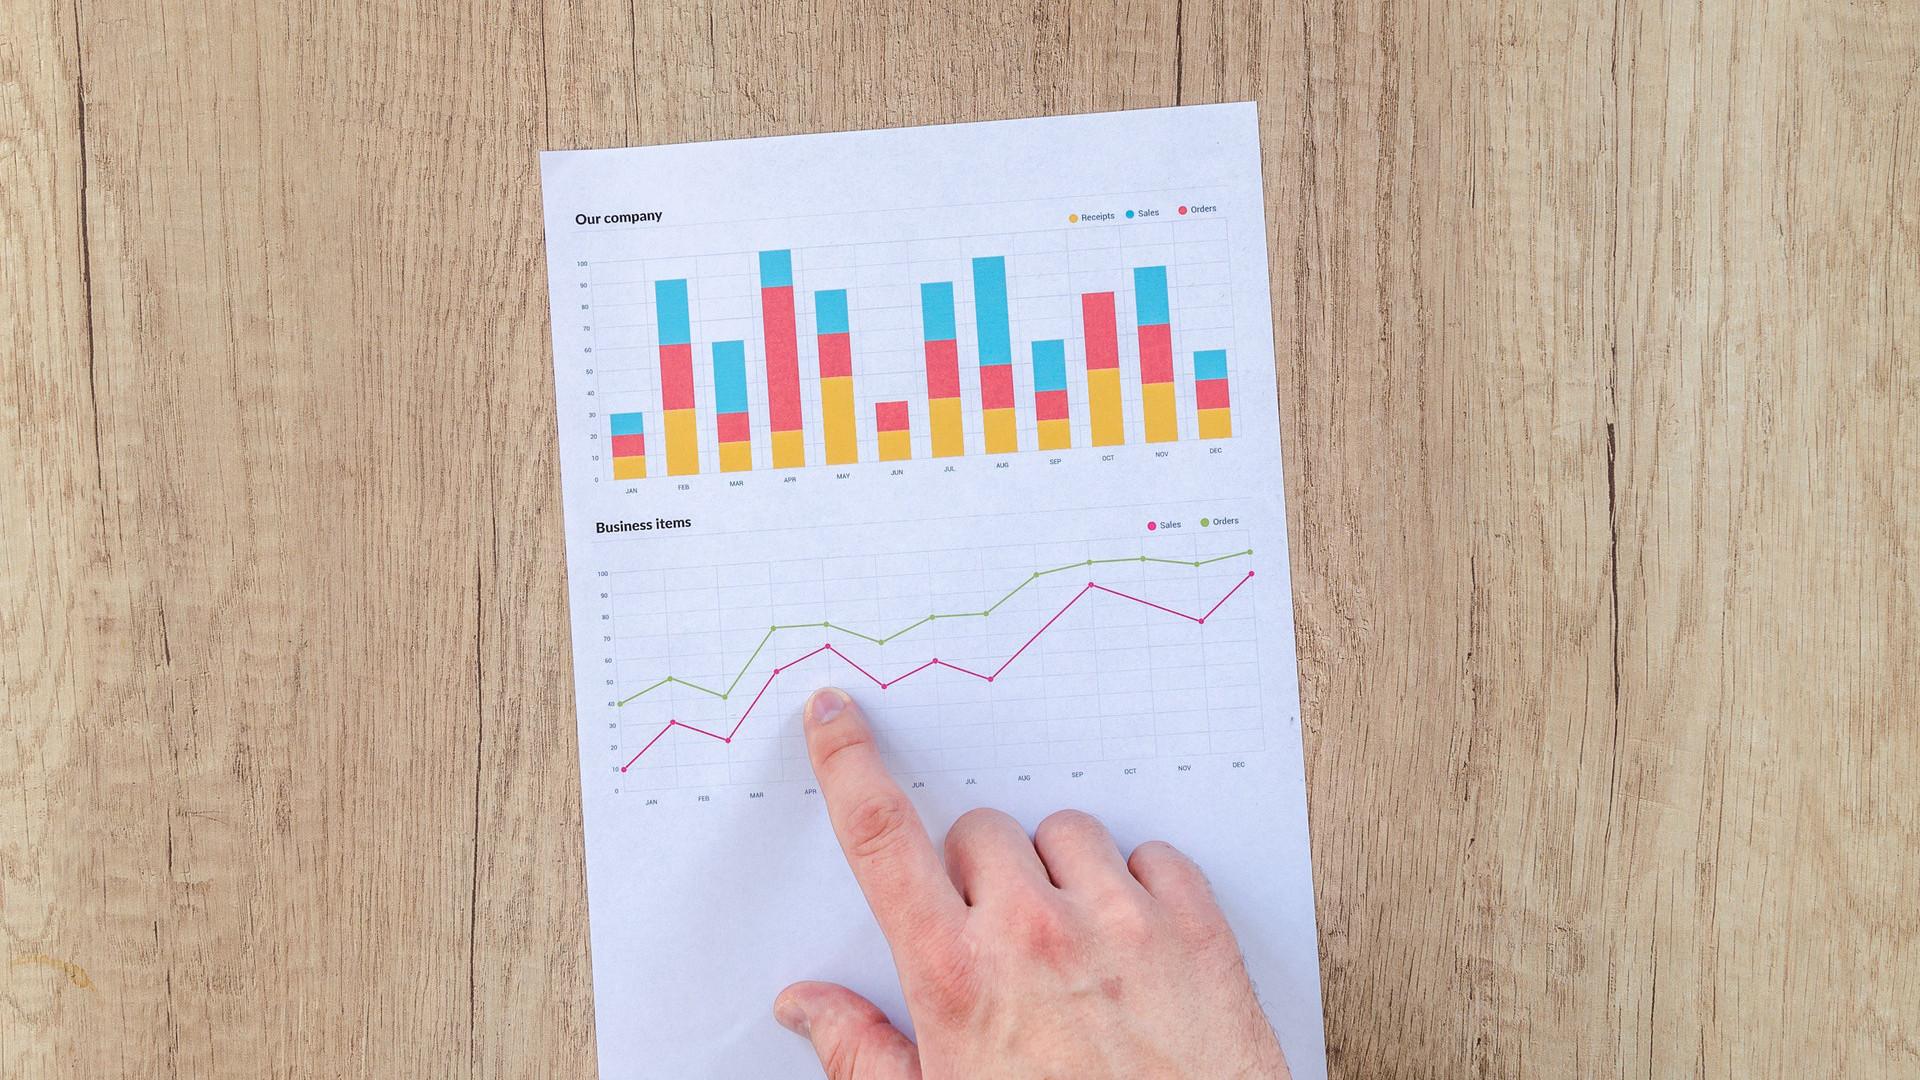 Case study: come aumentare le vendite di un'azienda B2B con le Facebook Ads senza investire 1 solo euro